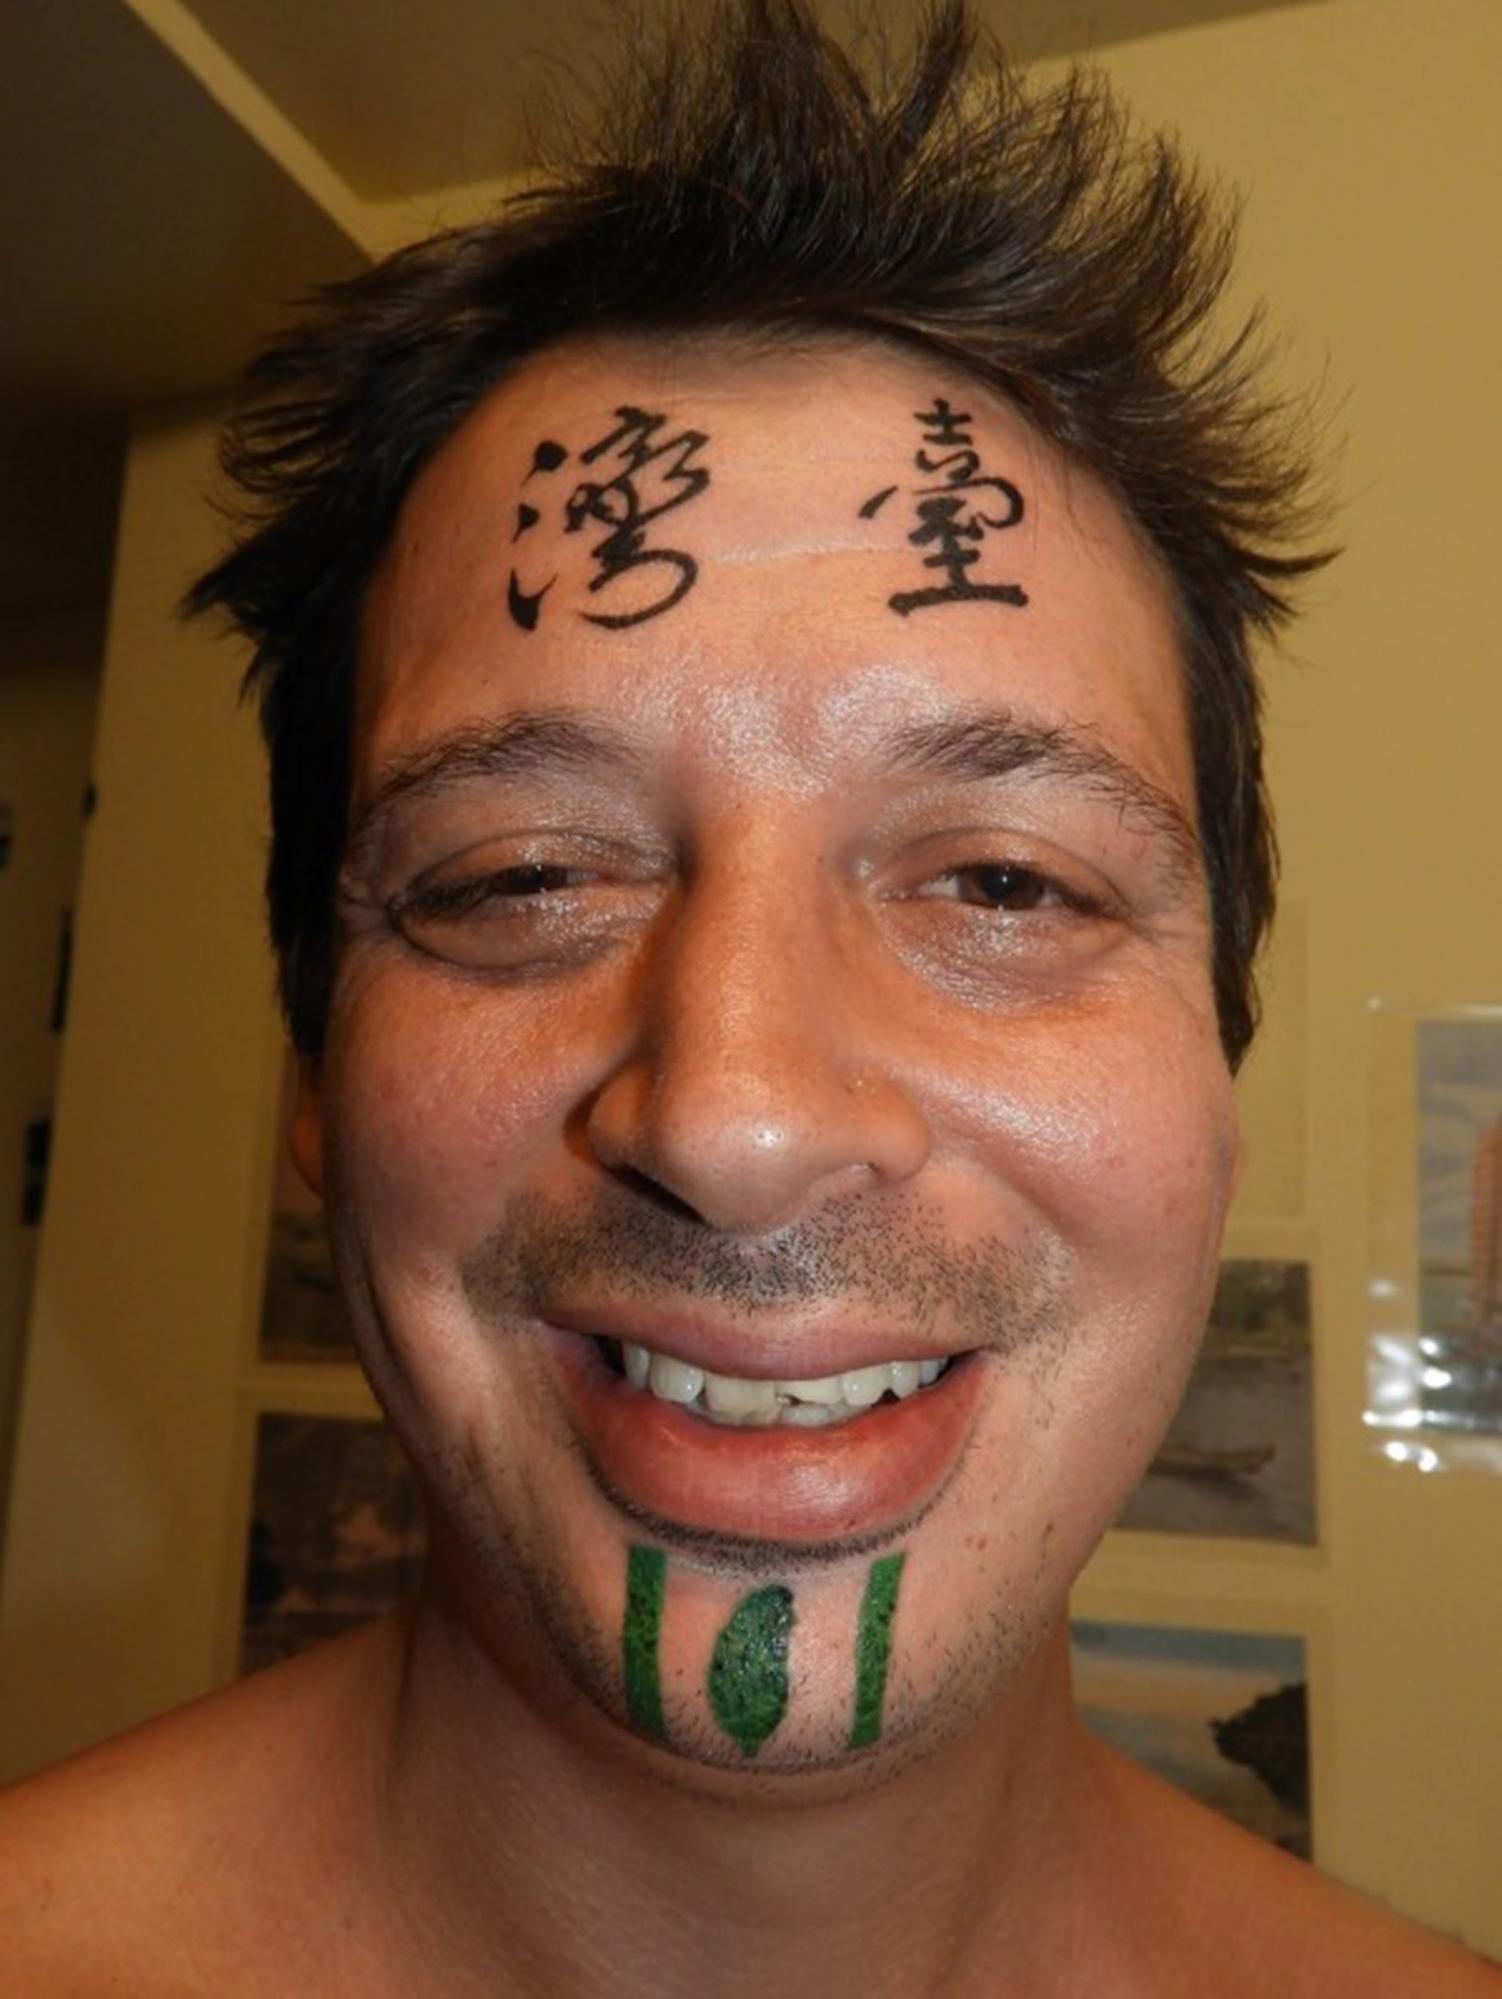 Пол Фиррелл, Тайвань, Формоза, татуировка на лбу, китайские иероглифы, Гаосюн